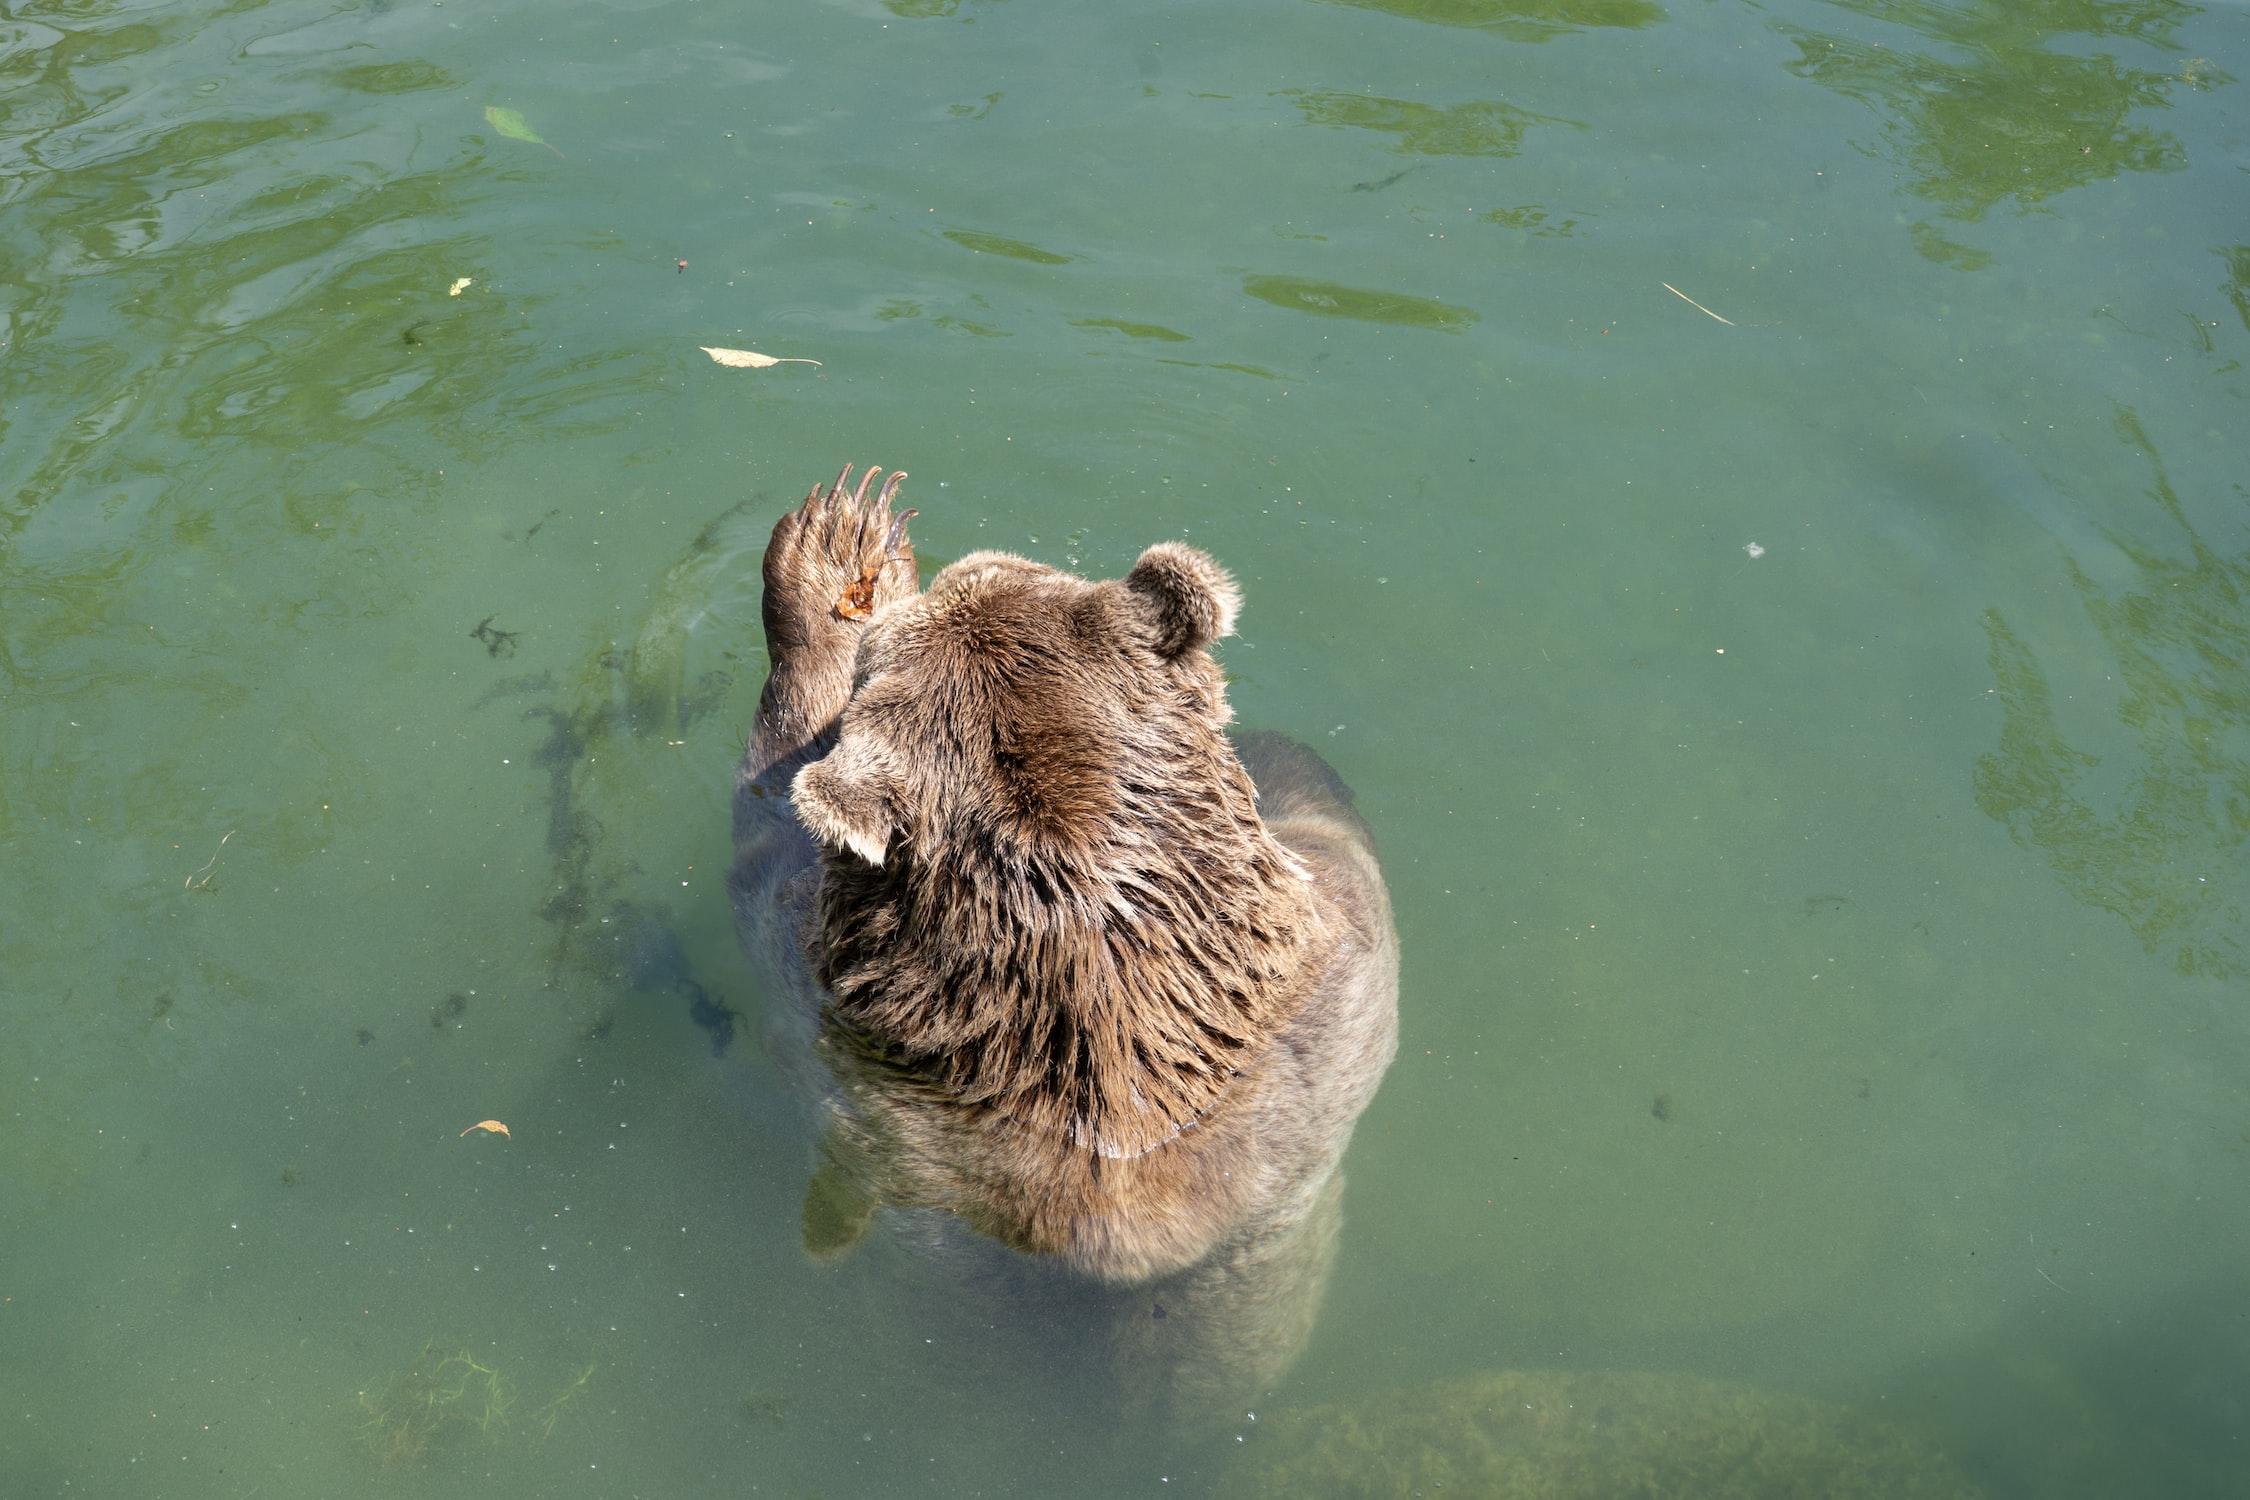 Bär im Wasser zeigt einer seiner Pfoten. Unsplash.com-Foto.